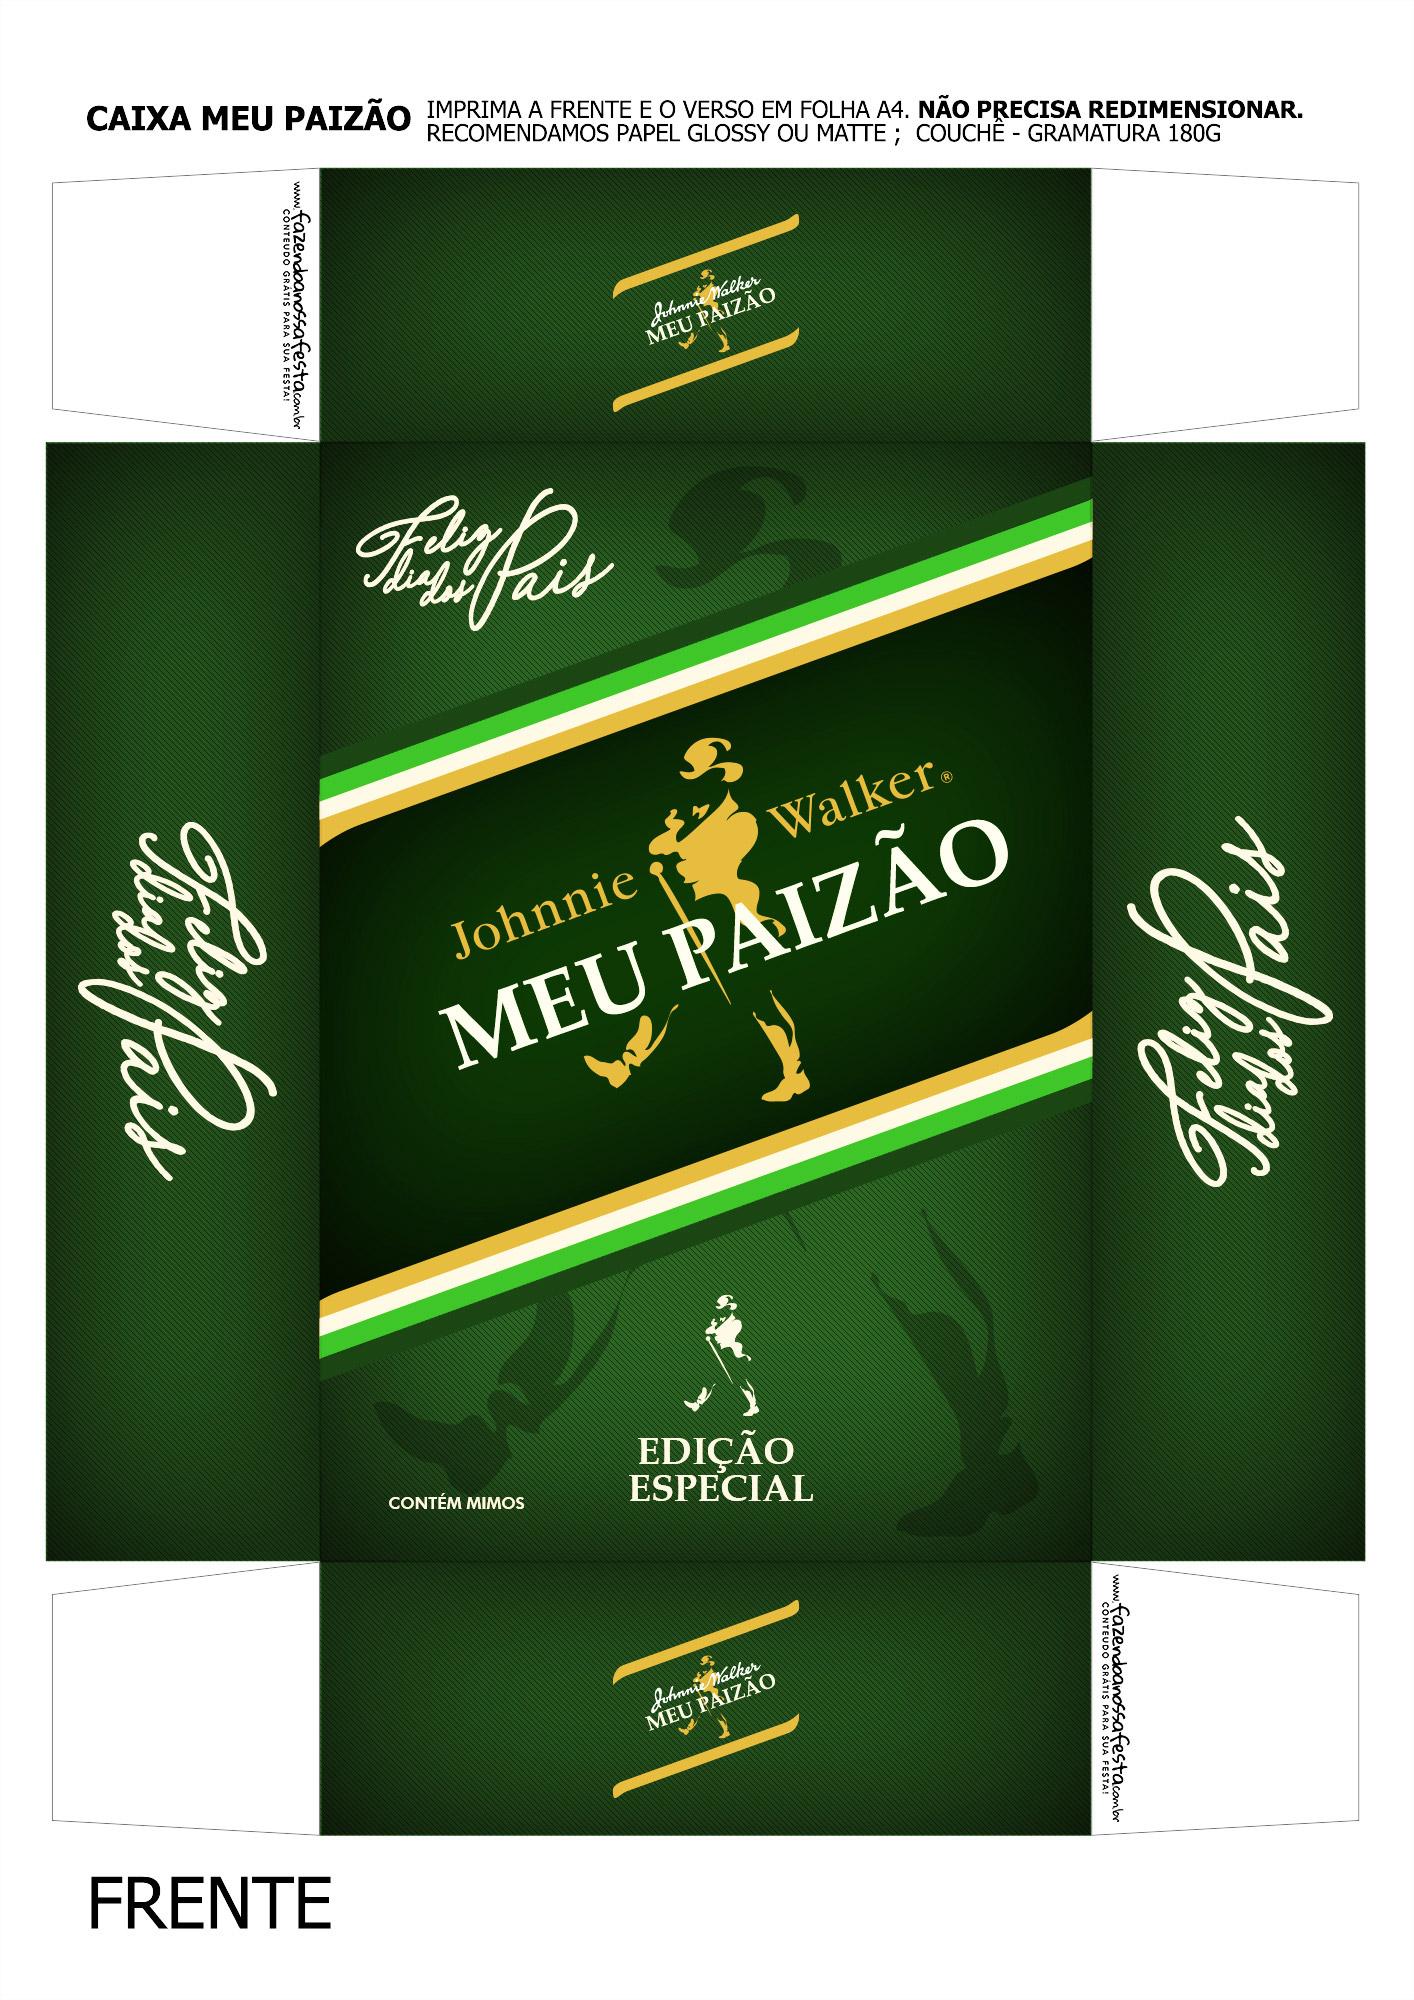 Caixa Mini Whisky para Dia dos Pais Verde Frente